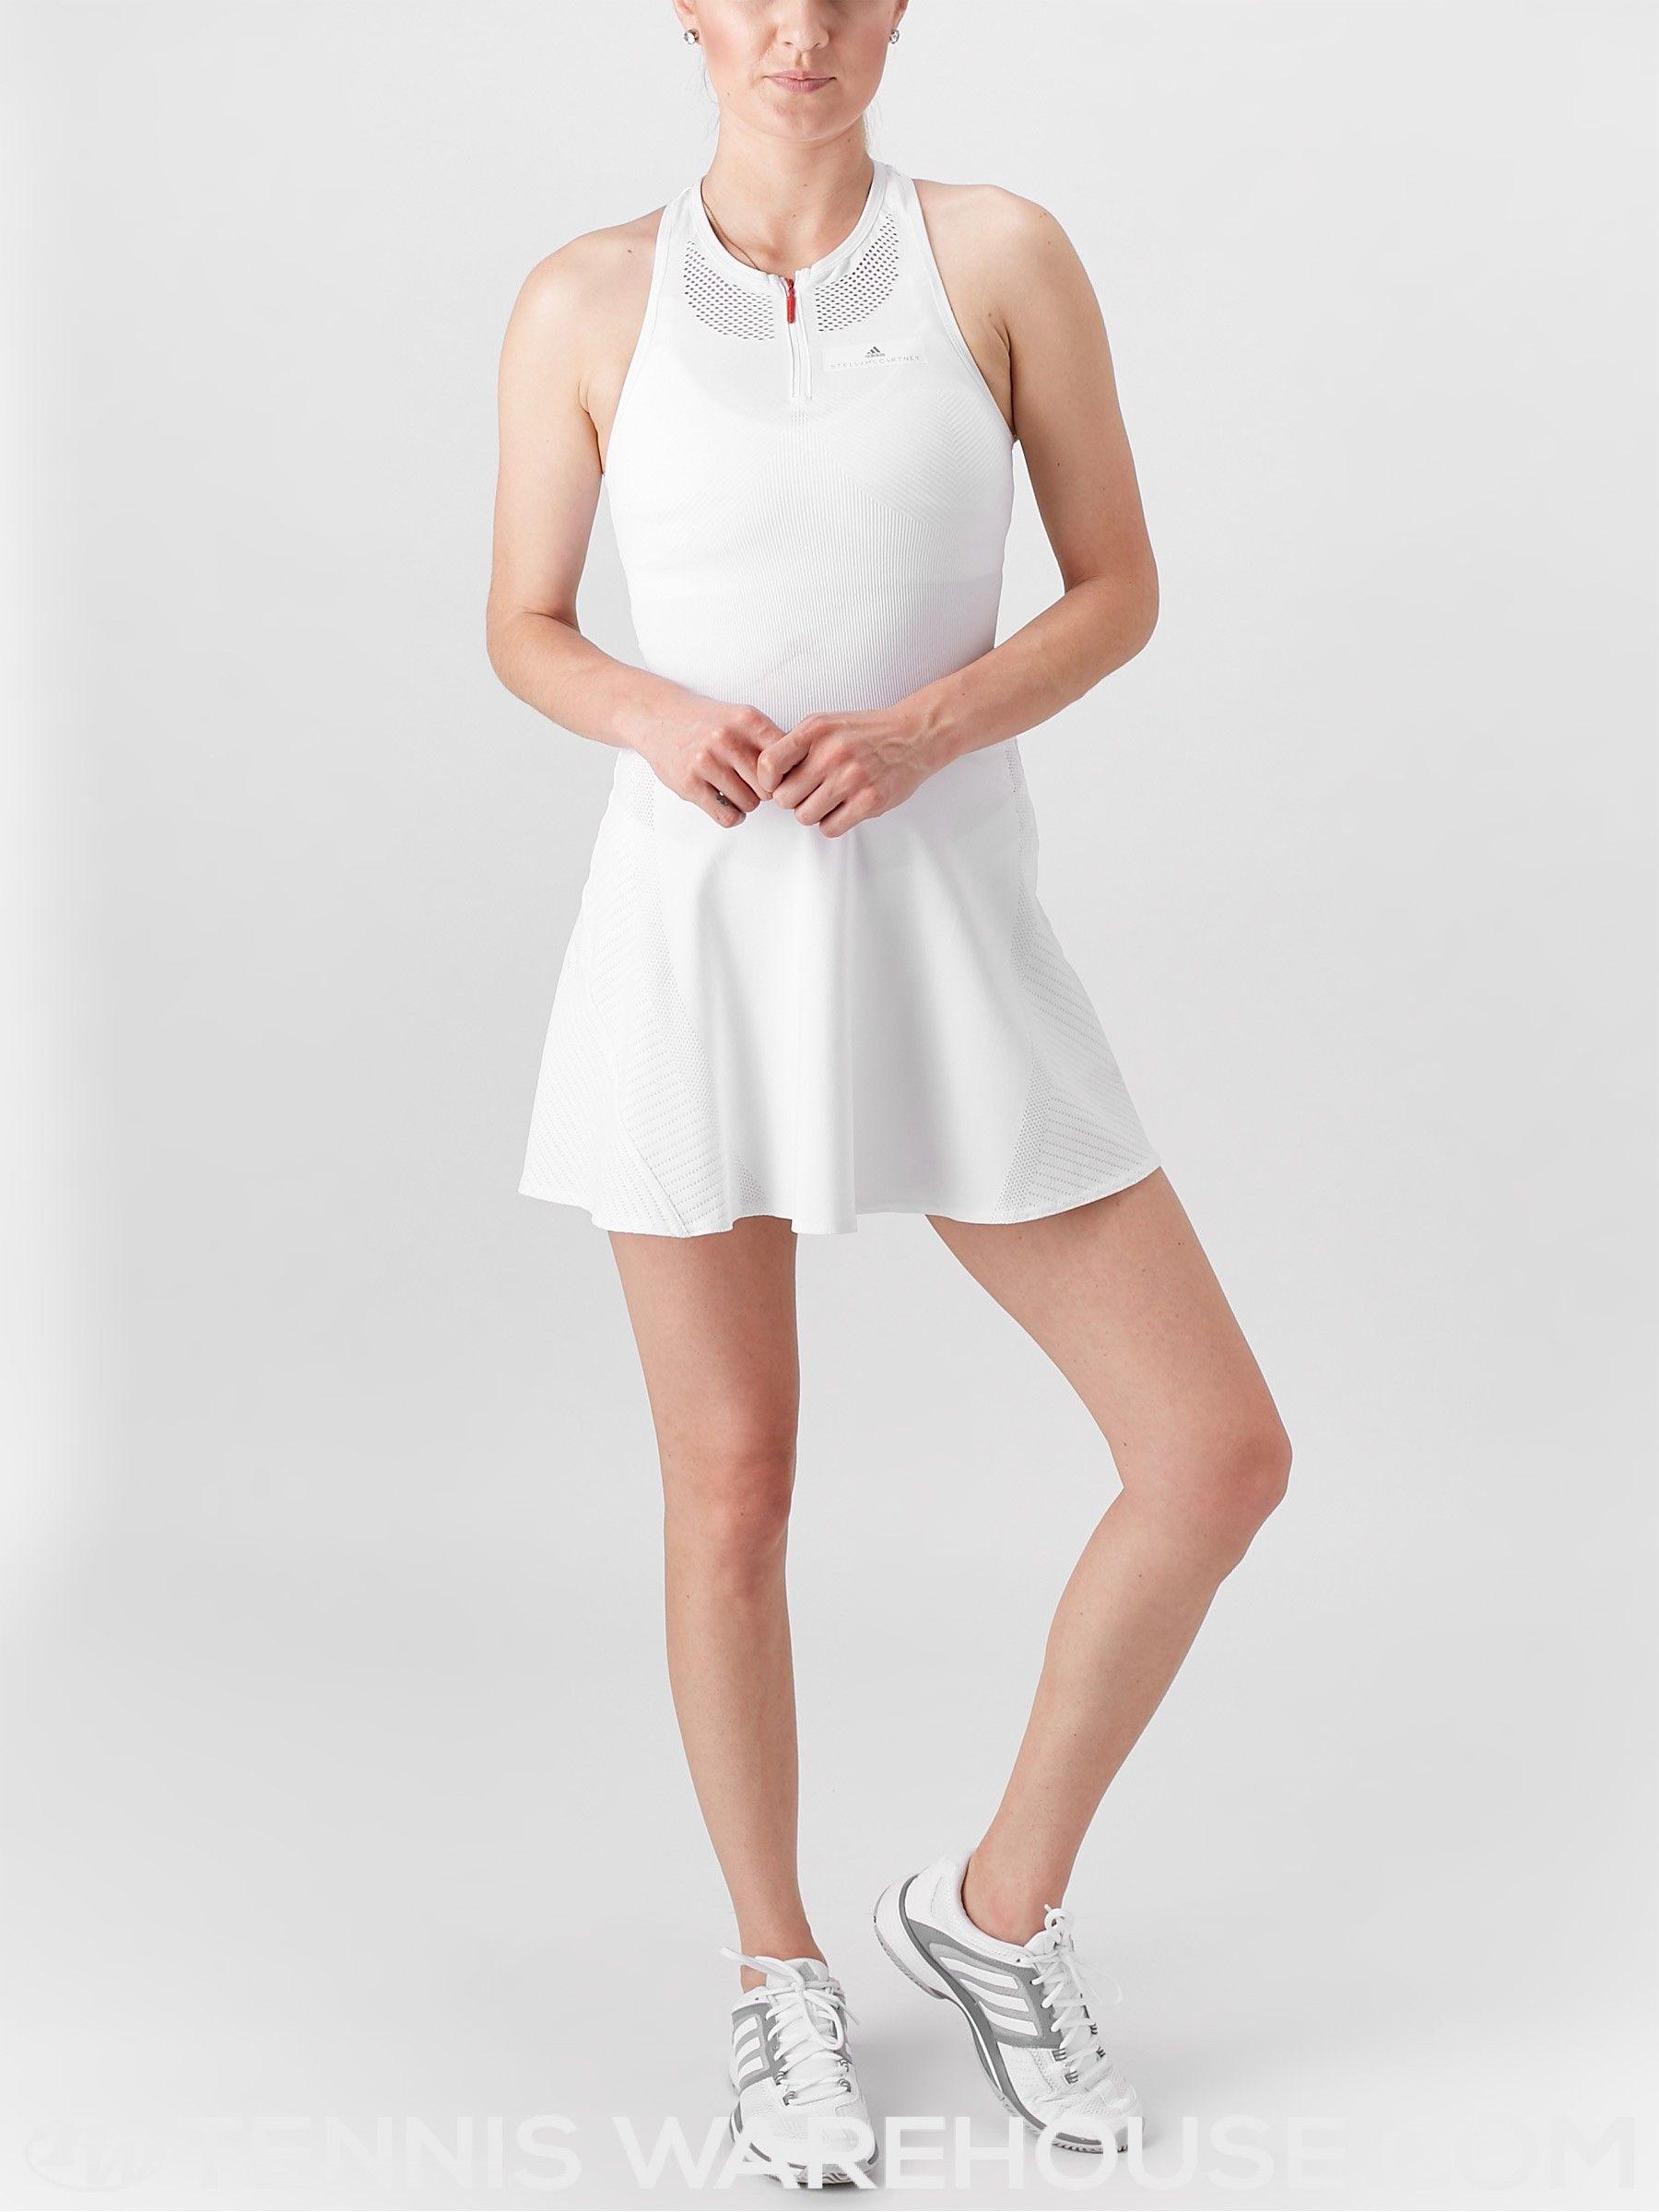 Adidas Women S Fall Stella Mccartney Dress With Images Stella Mccartney Dresses Adidas Women Womens Fall